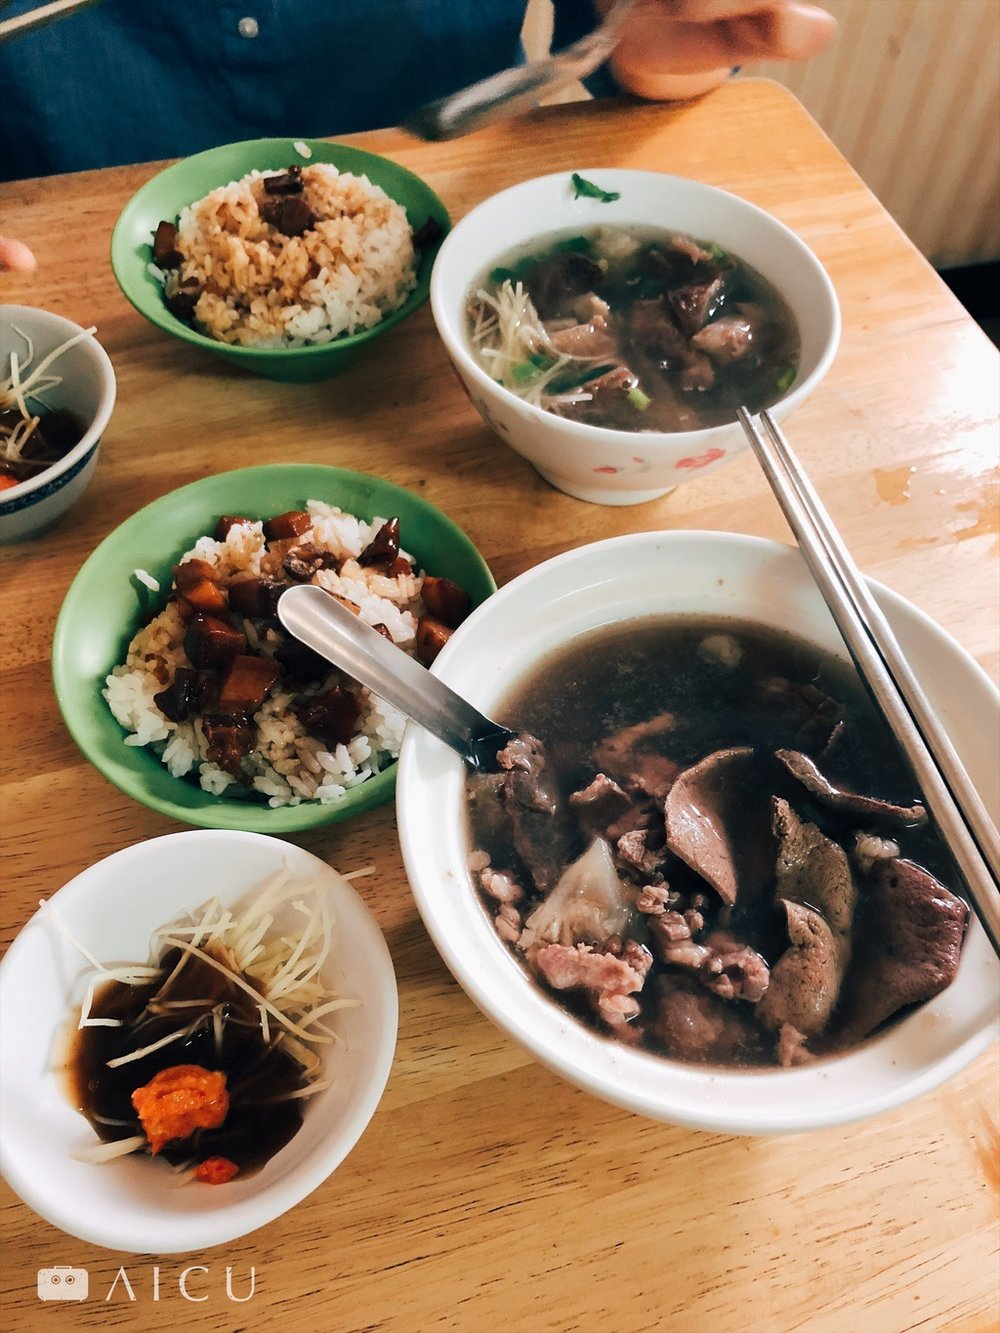 一碗湯一碗肉燥飯 - 使人羨妒台南人